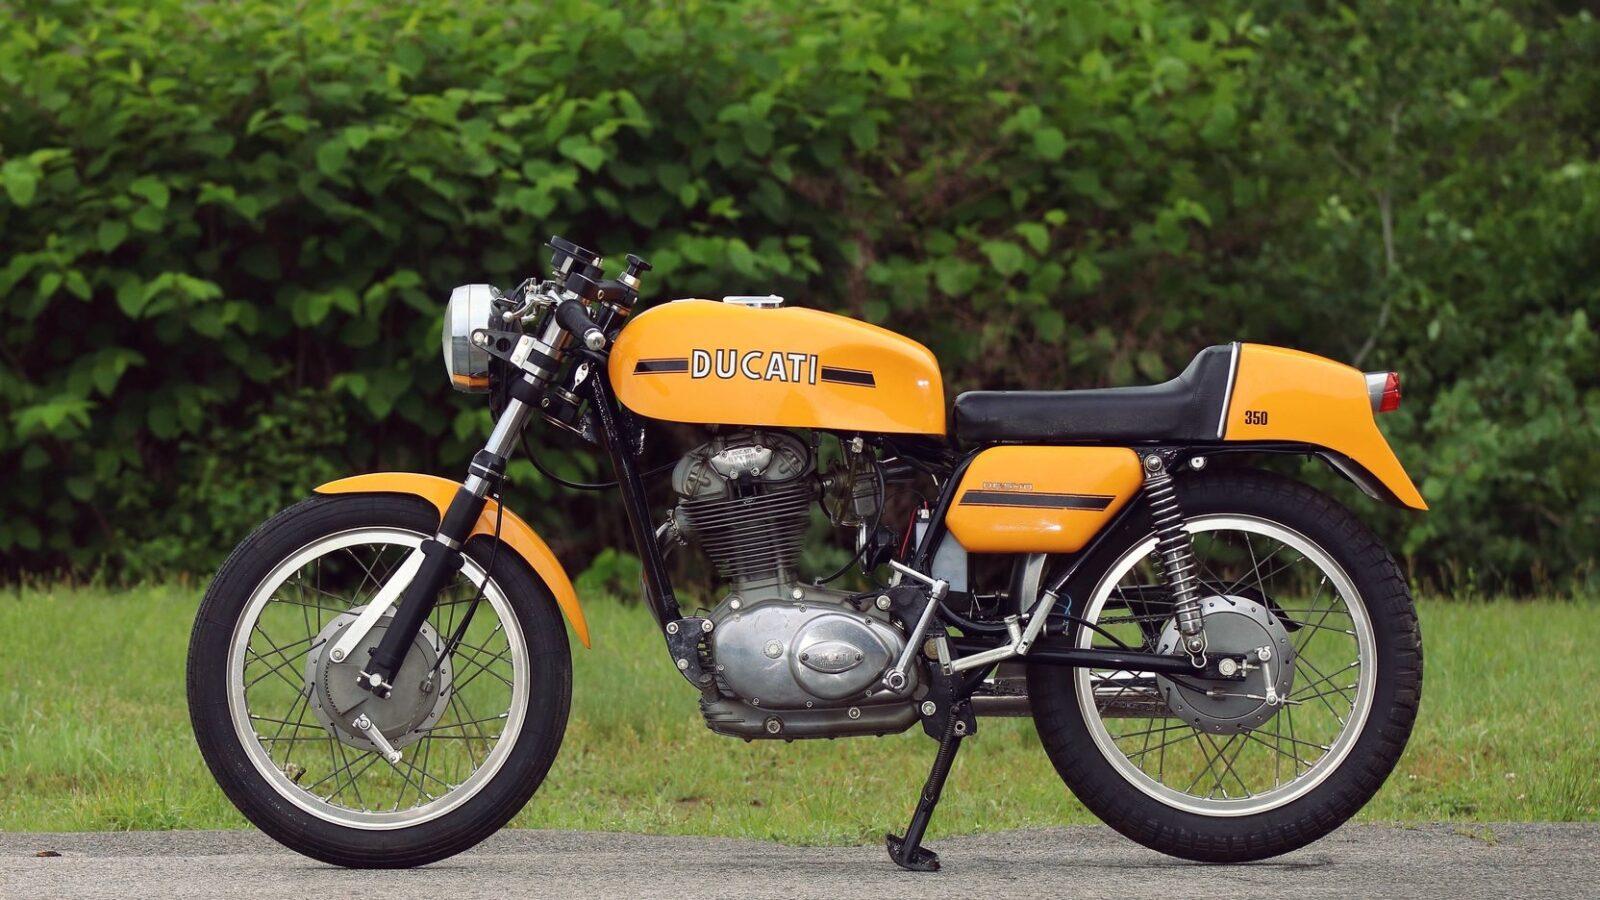 Ducati 350 Desmo 2 1600x900 - 1970 Ducati Desmo 350